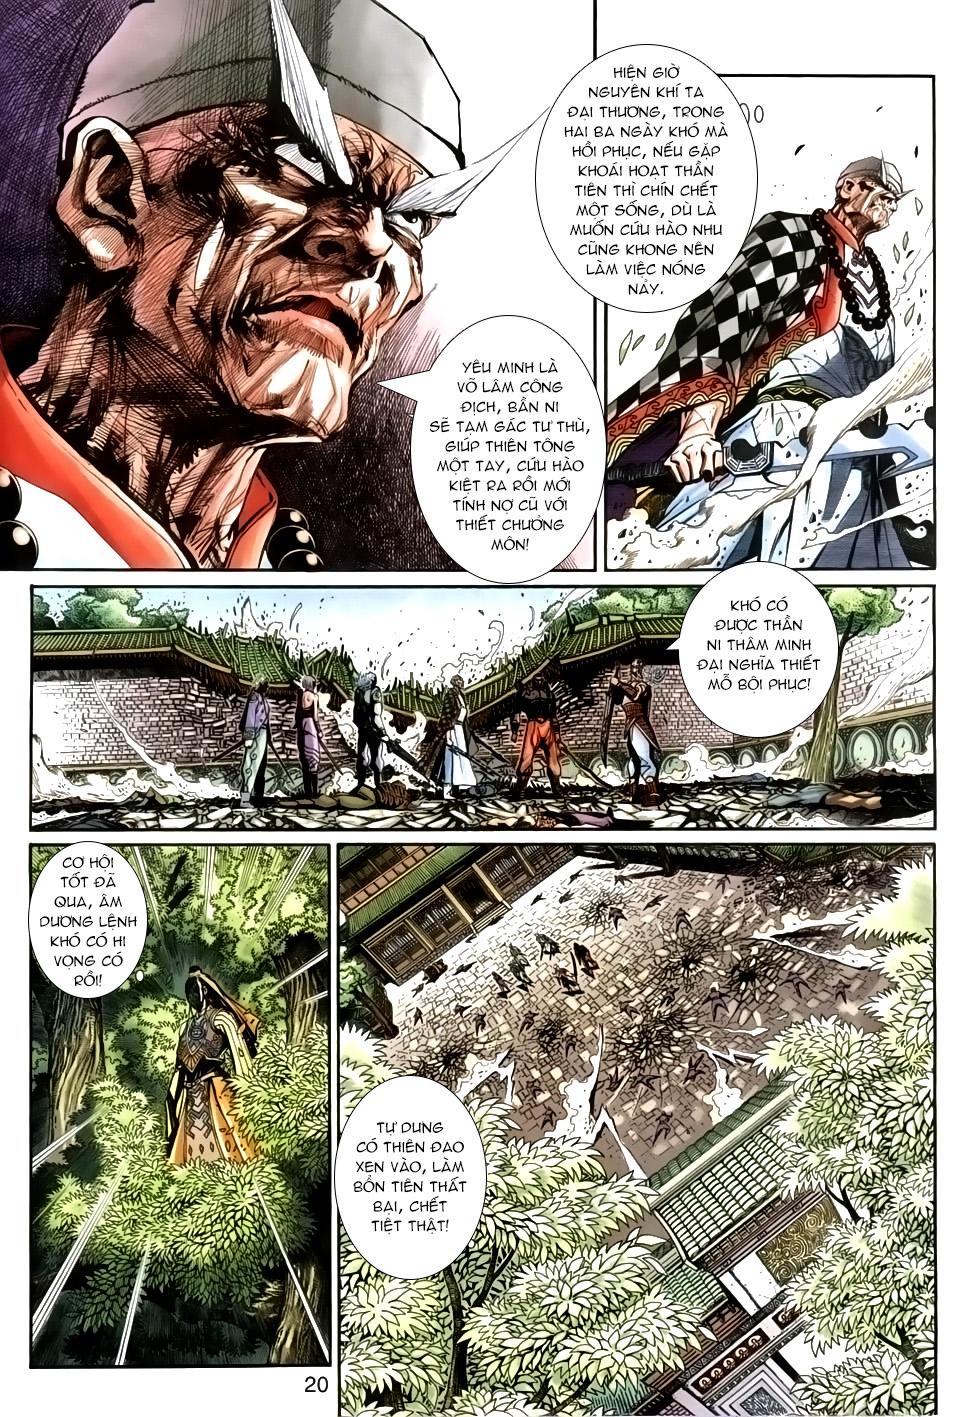 Thần Binh Huyền Kỳ 3+3.5 Chap 24 - Next Chap 25